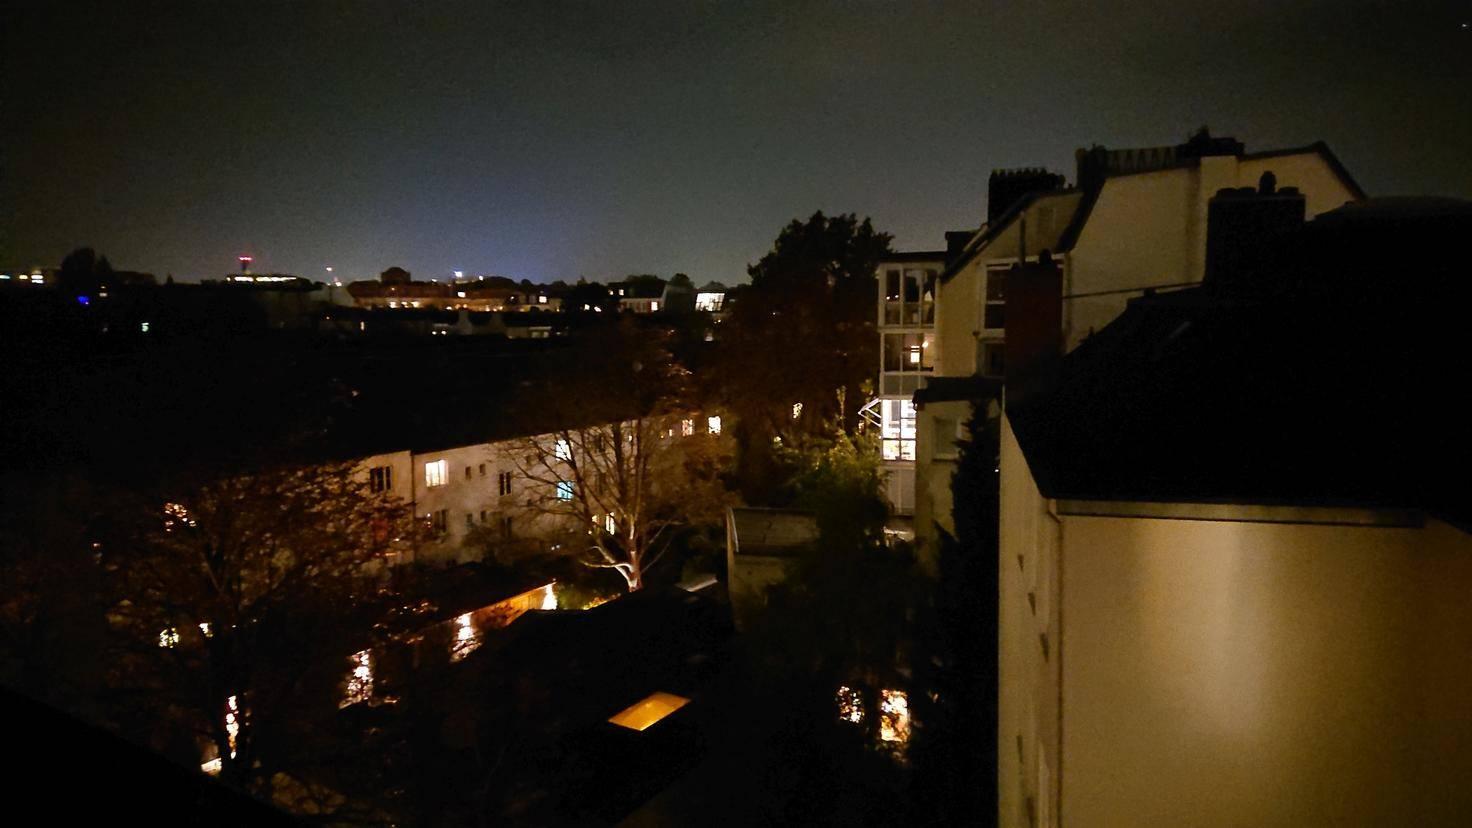 Nachtaufnahmen sind recht detailliert, aber verrauscht.